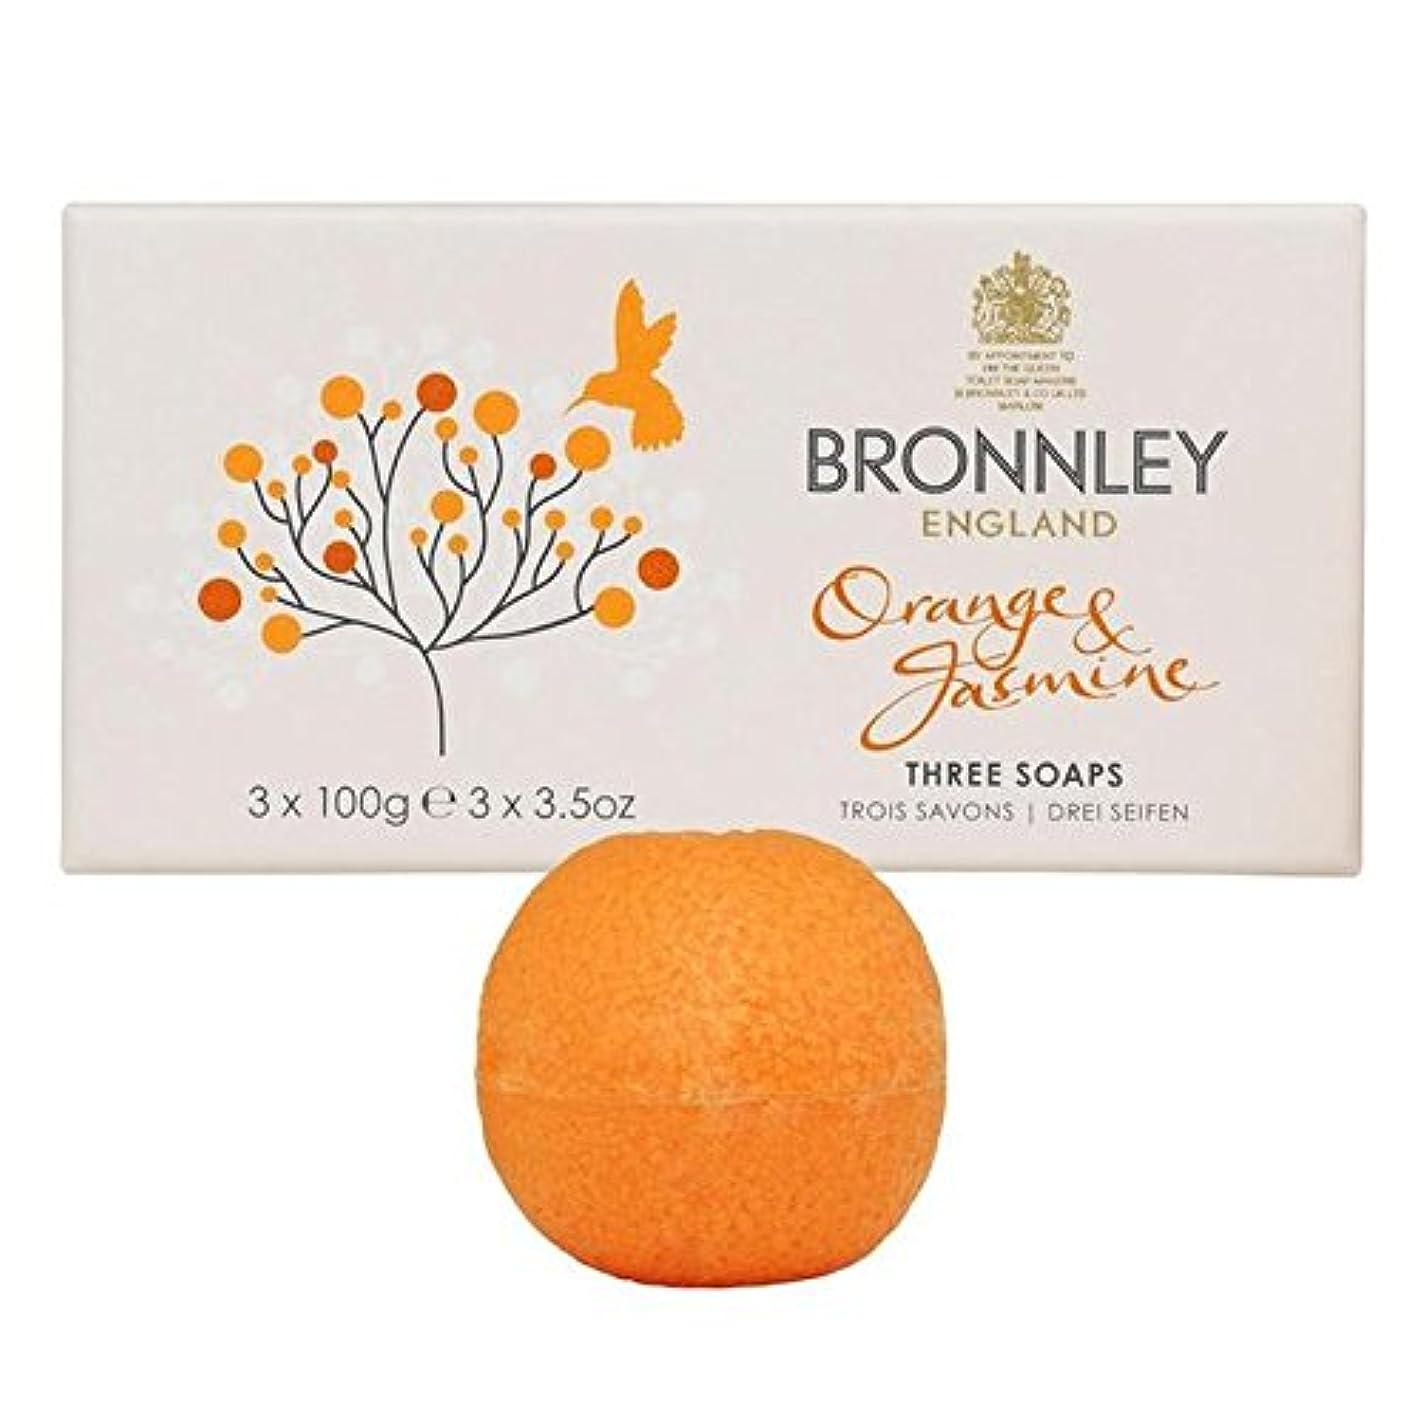 ドア疑い者軌道オレンジ&ジャスミン石鹸3×100グラム x2 - Bronnley Orange & Jasmine Soaps 3 x 100g (Pack of 2) [並行輸入品]